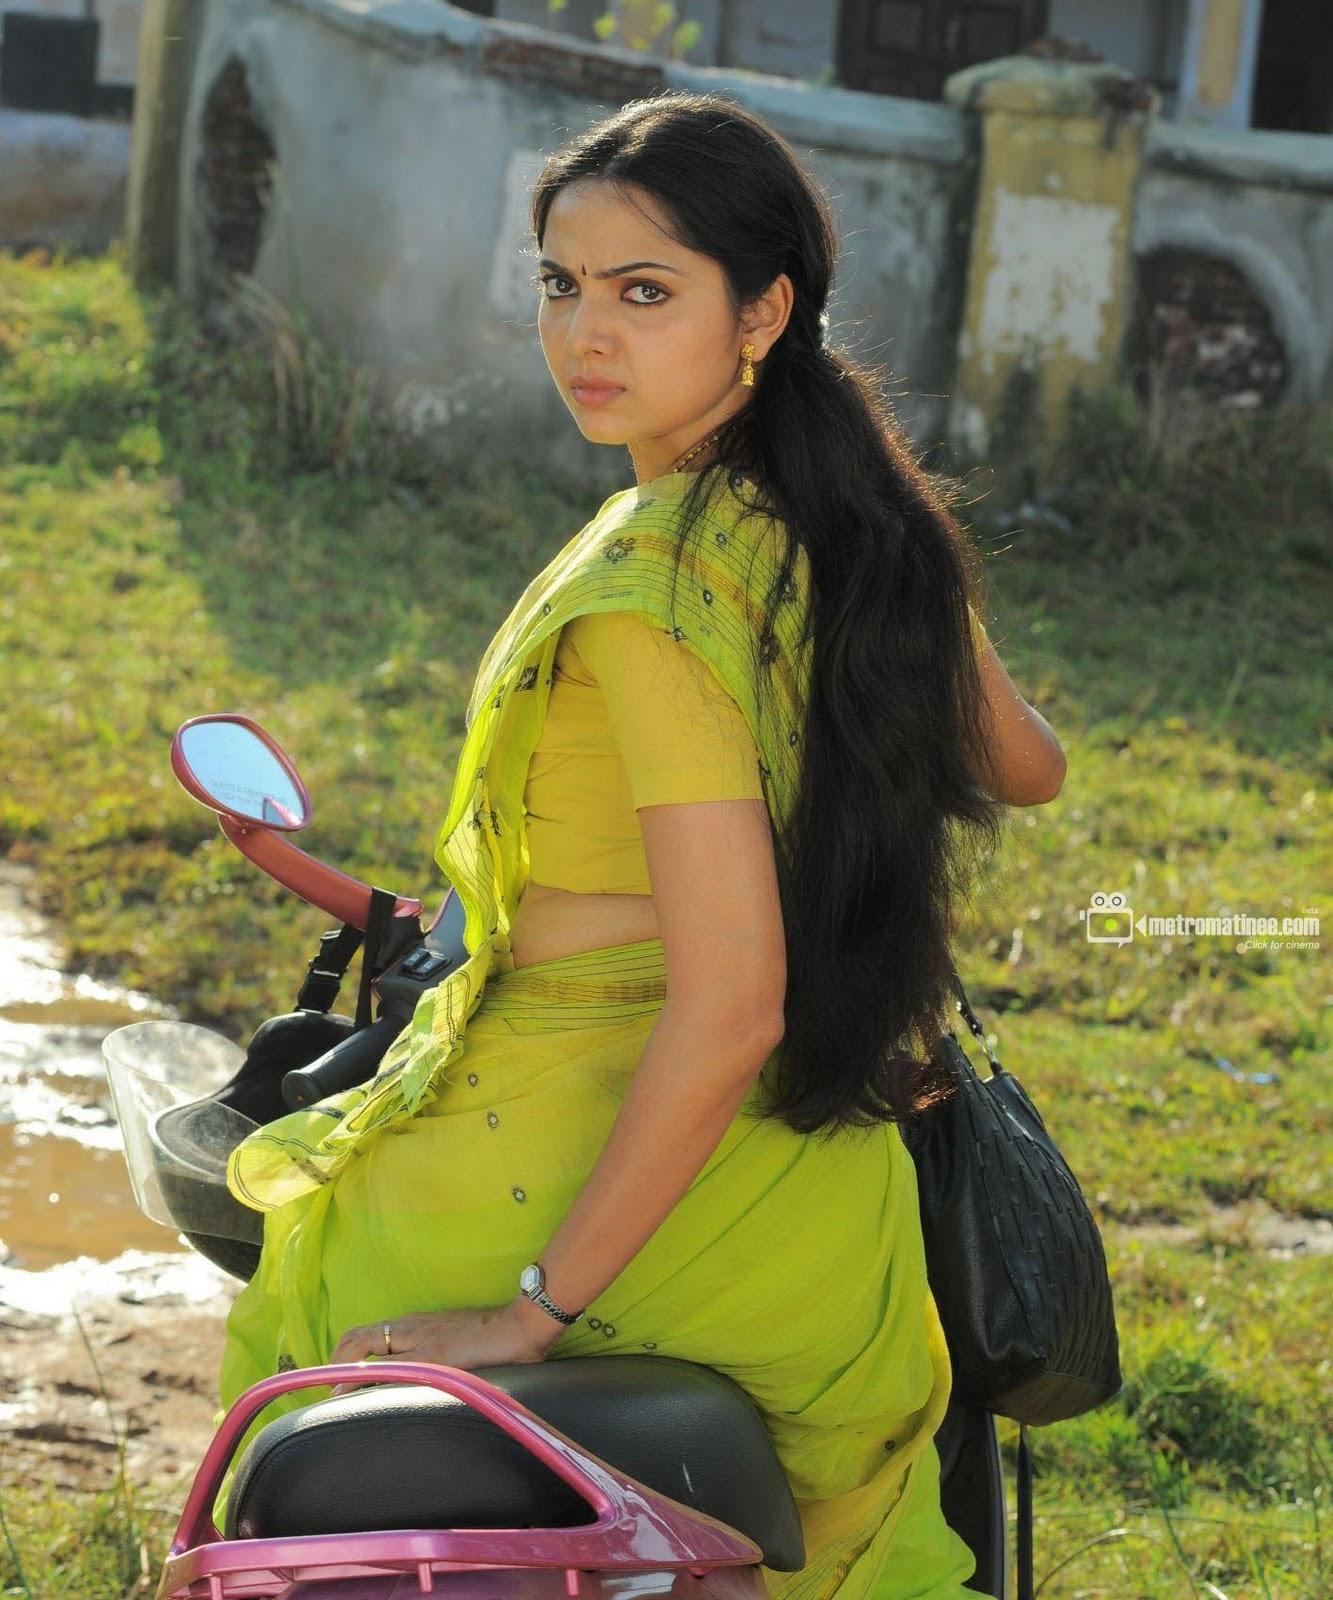 Actress photos, Telugu and Photo displays on Pinterest